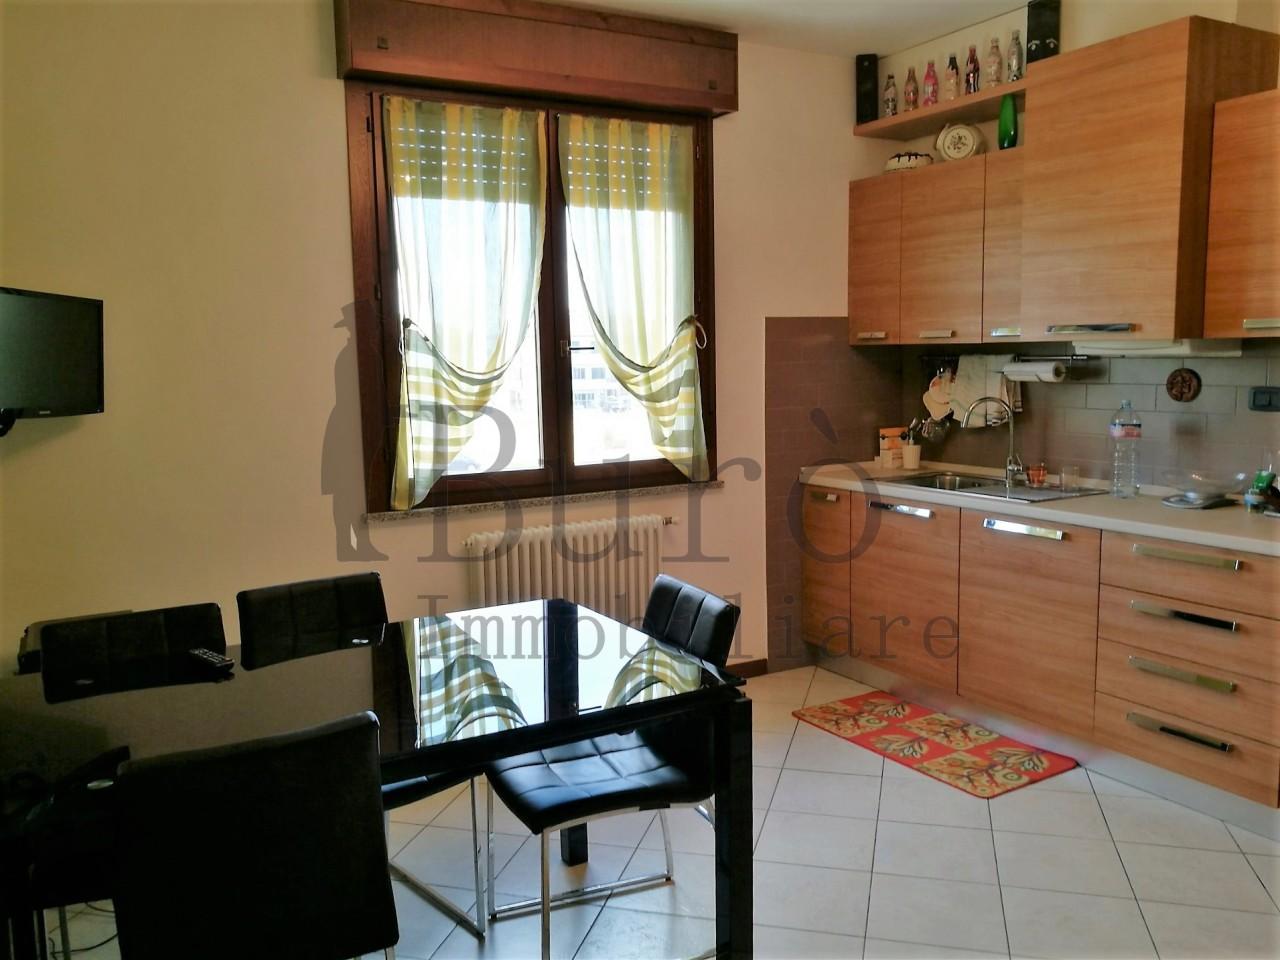 Appartamento in vendita a Torrile, 3 locali, prezzo € 99.000 | Cambio Casa.it